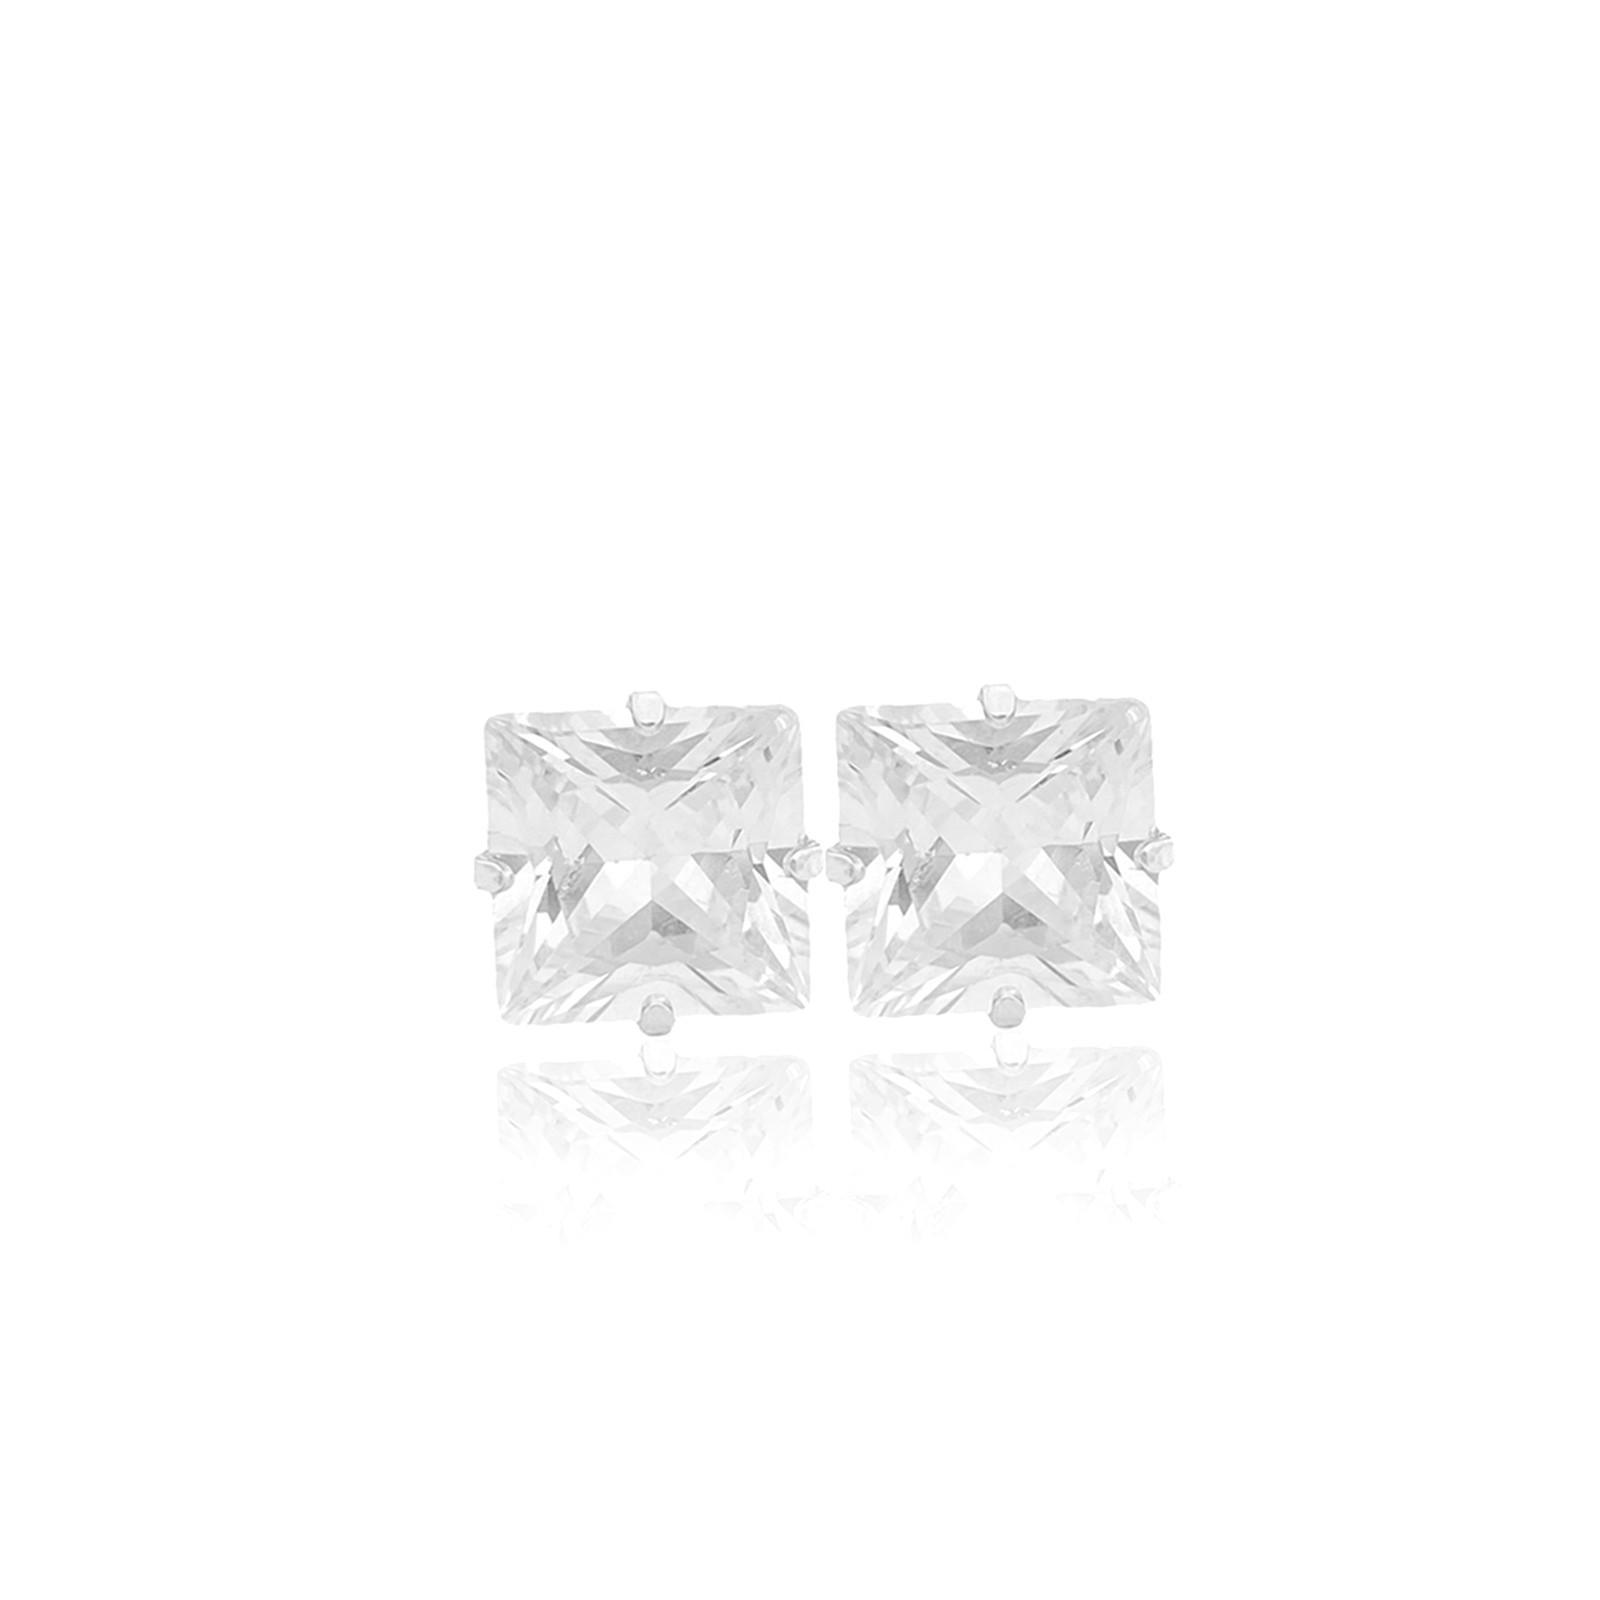 Brinco Pedra de Zircônia Sem Galeria 5mm X 5mm (Banho Prata 925)